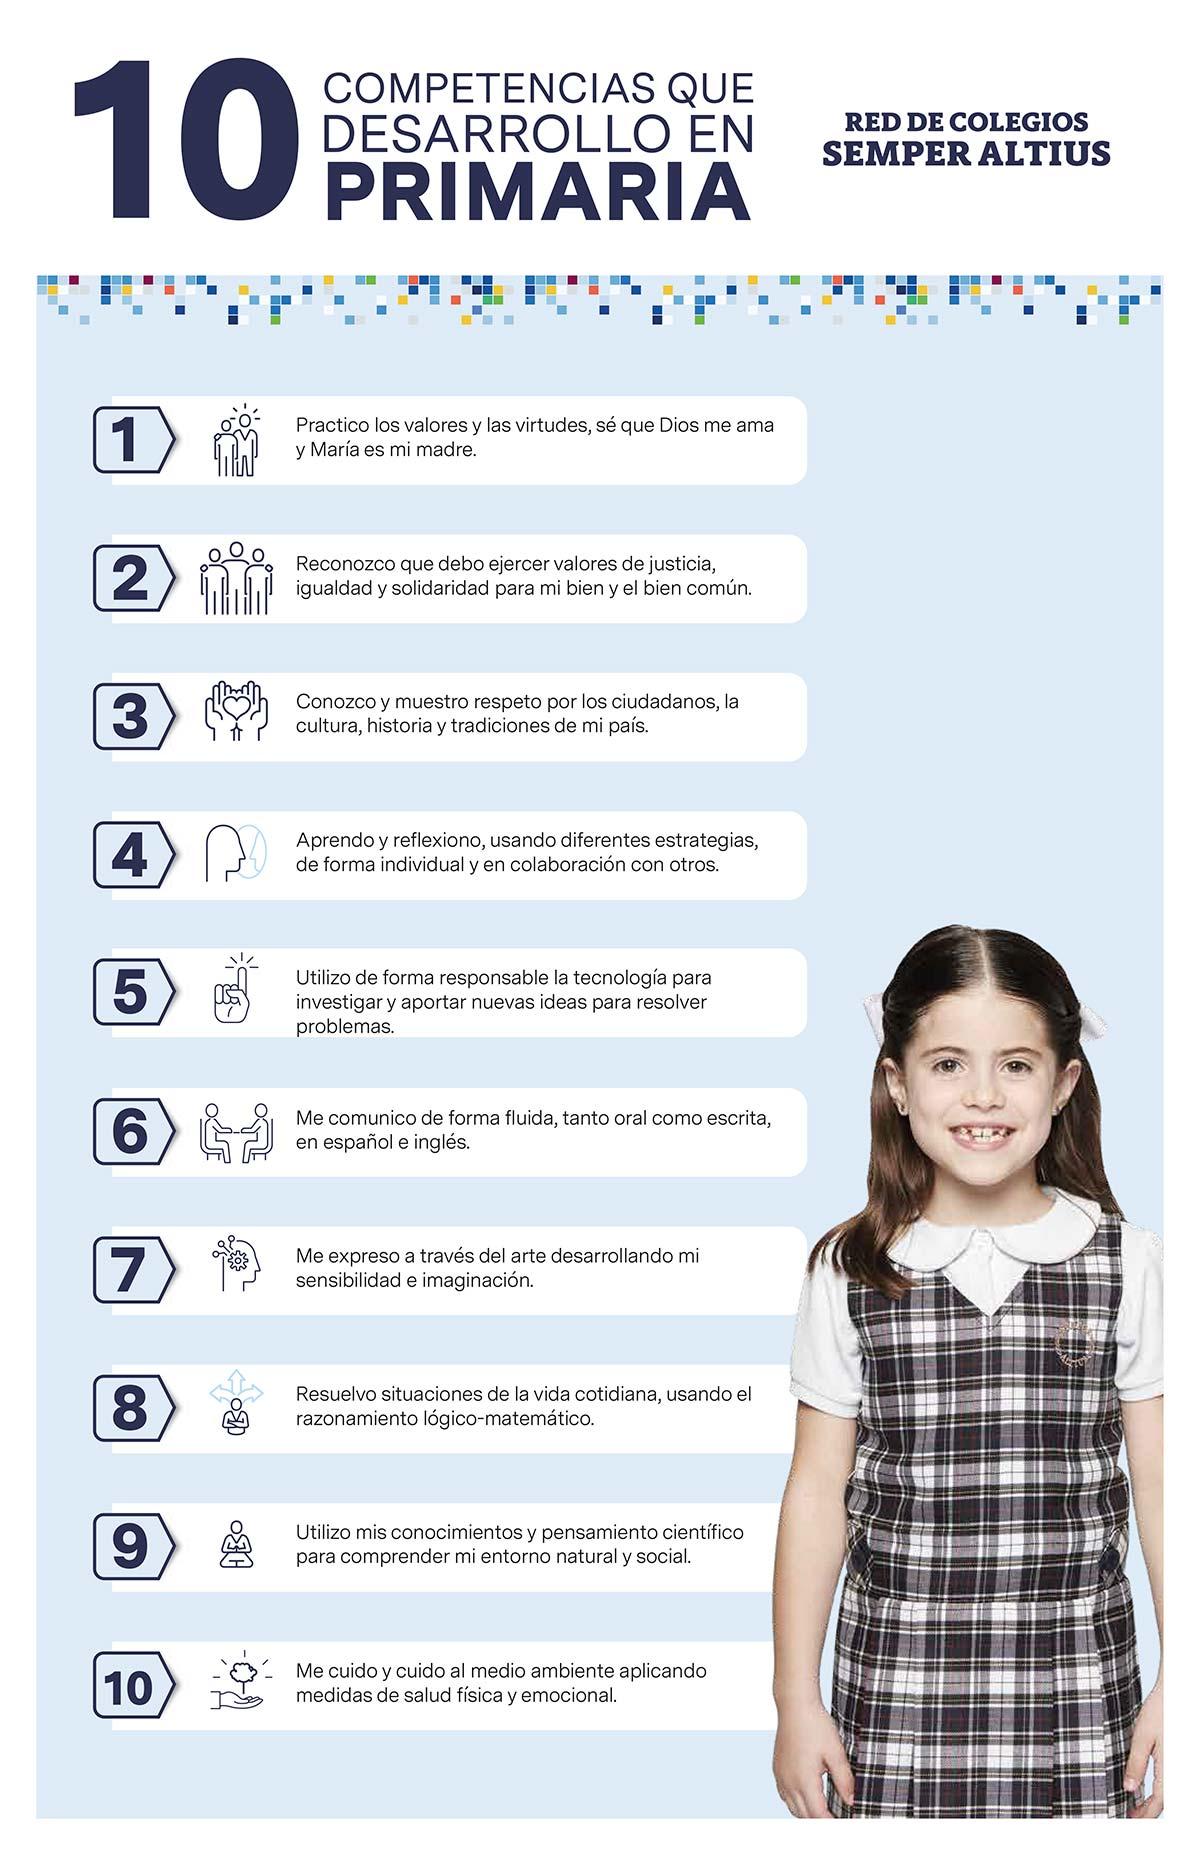 10 competencias desarrollo primaria